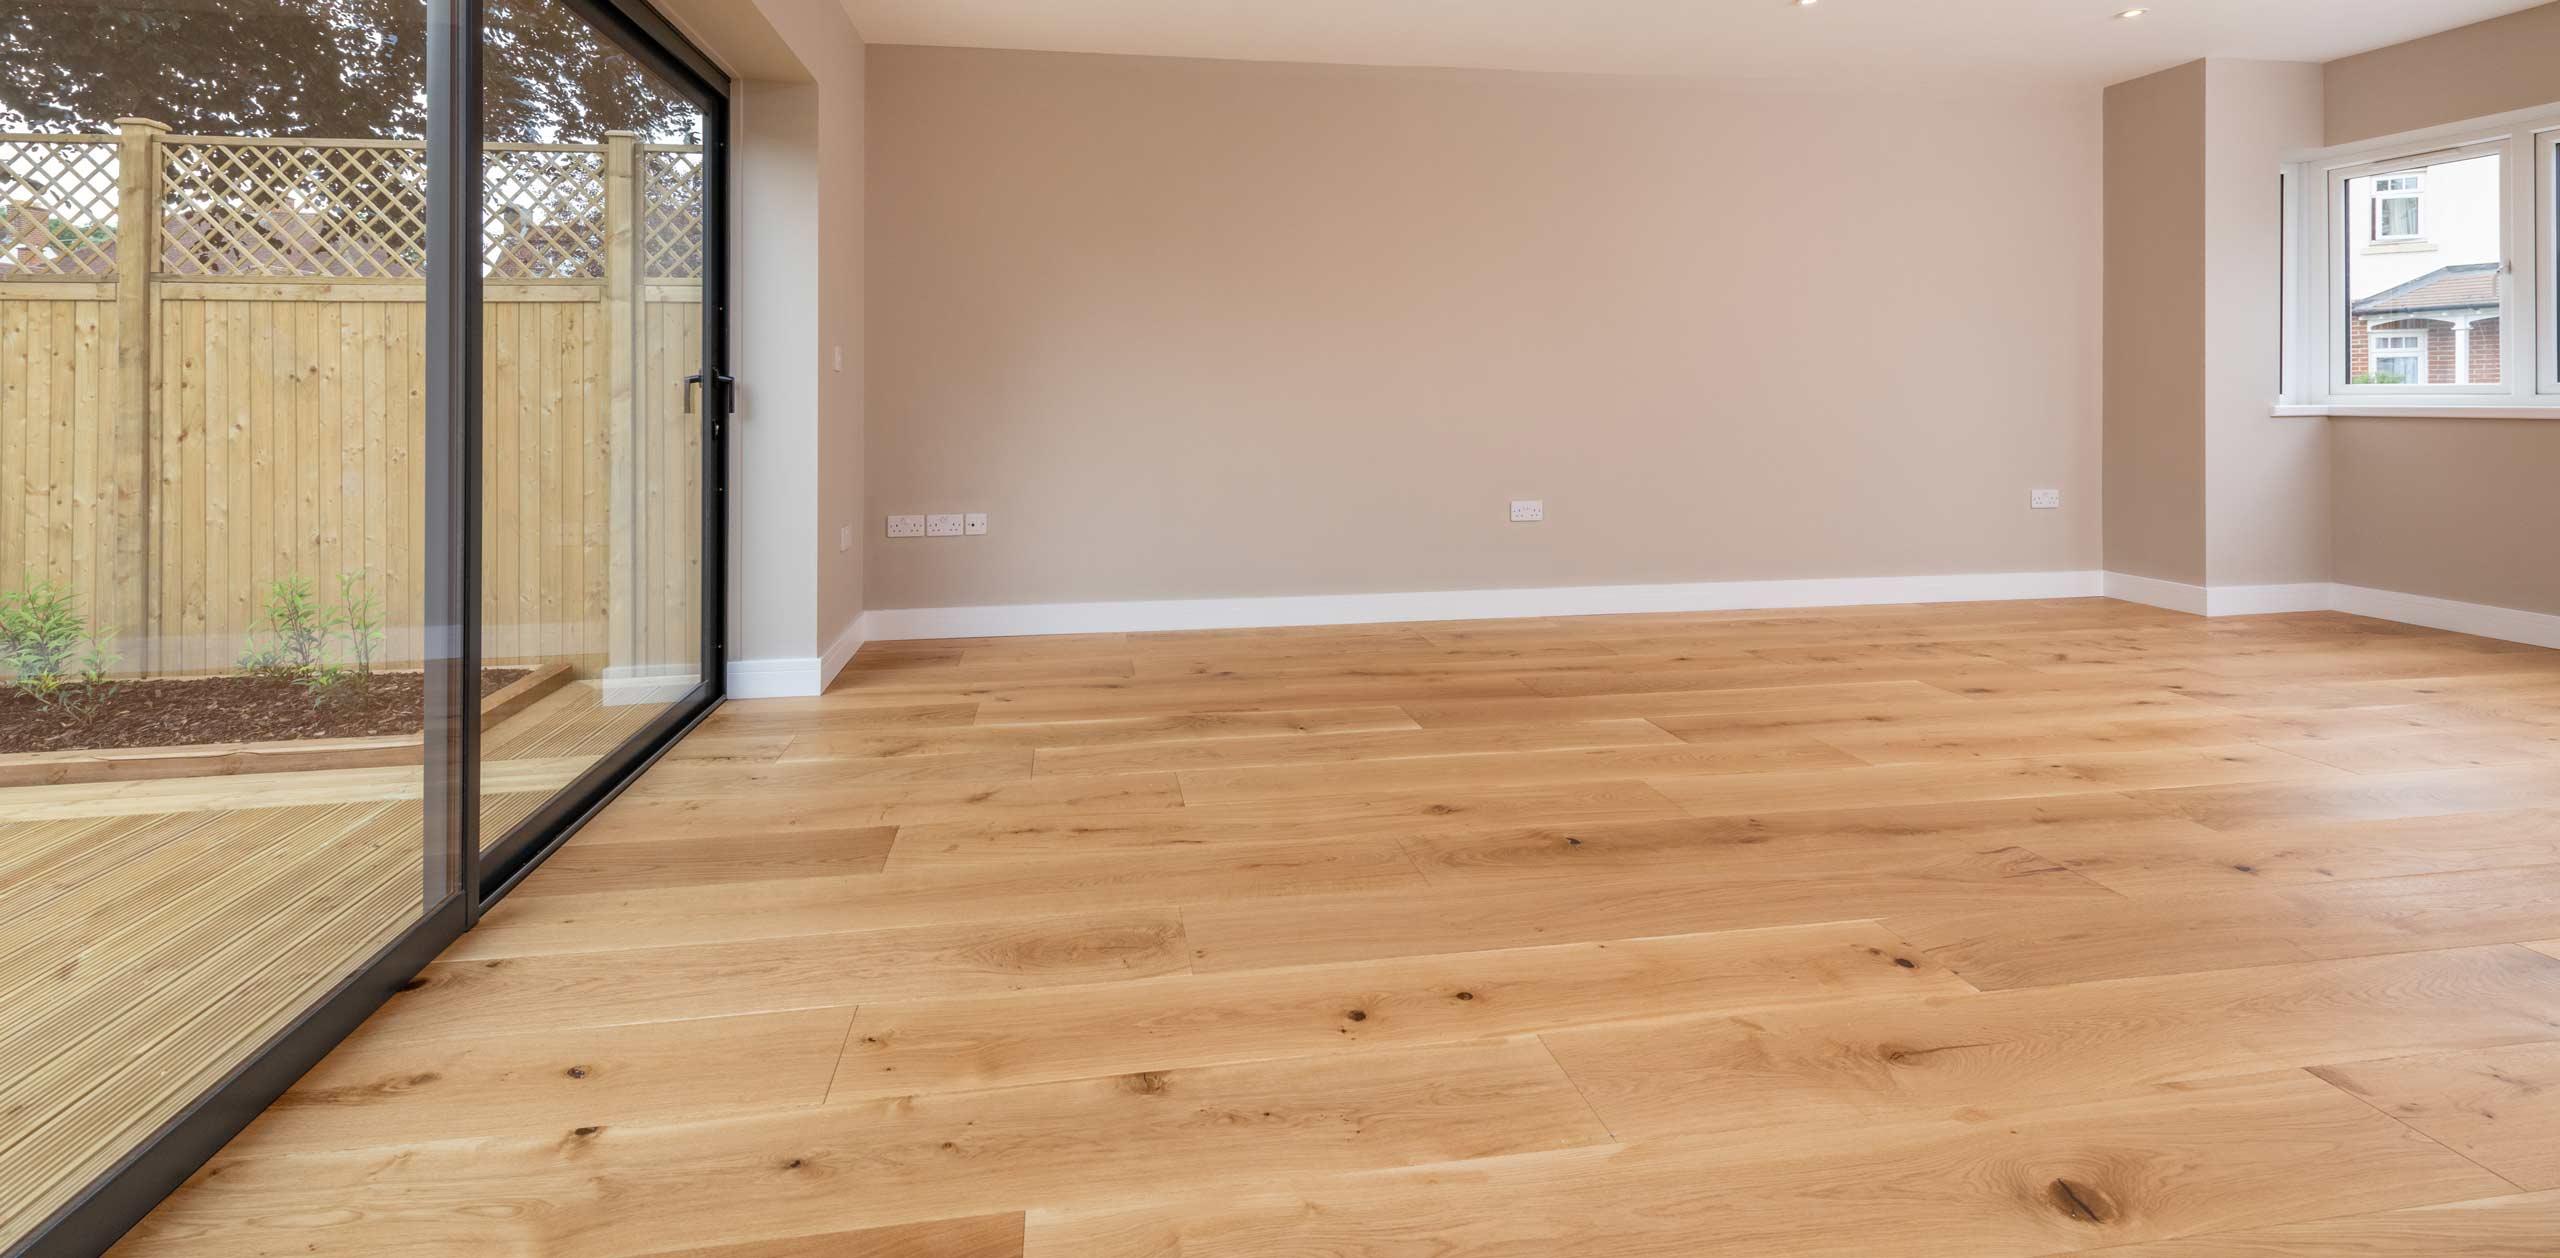 newly laid hardwood floor